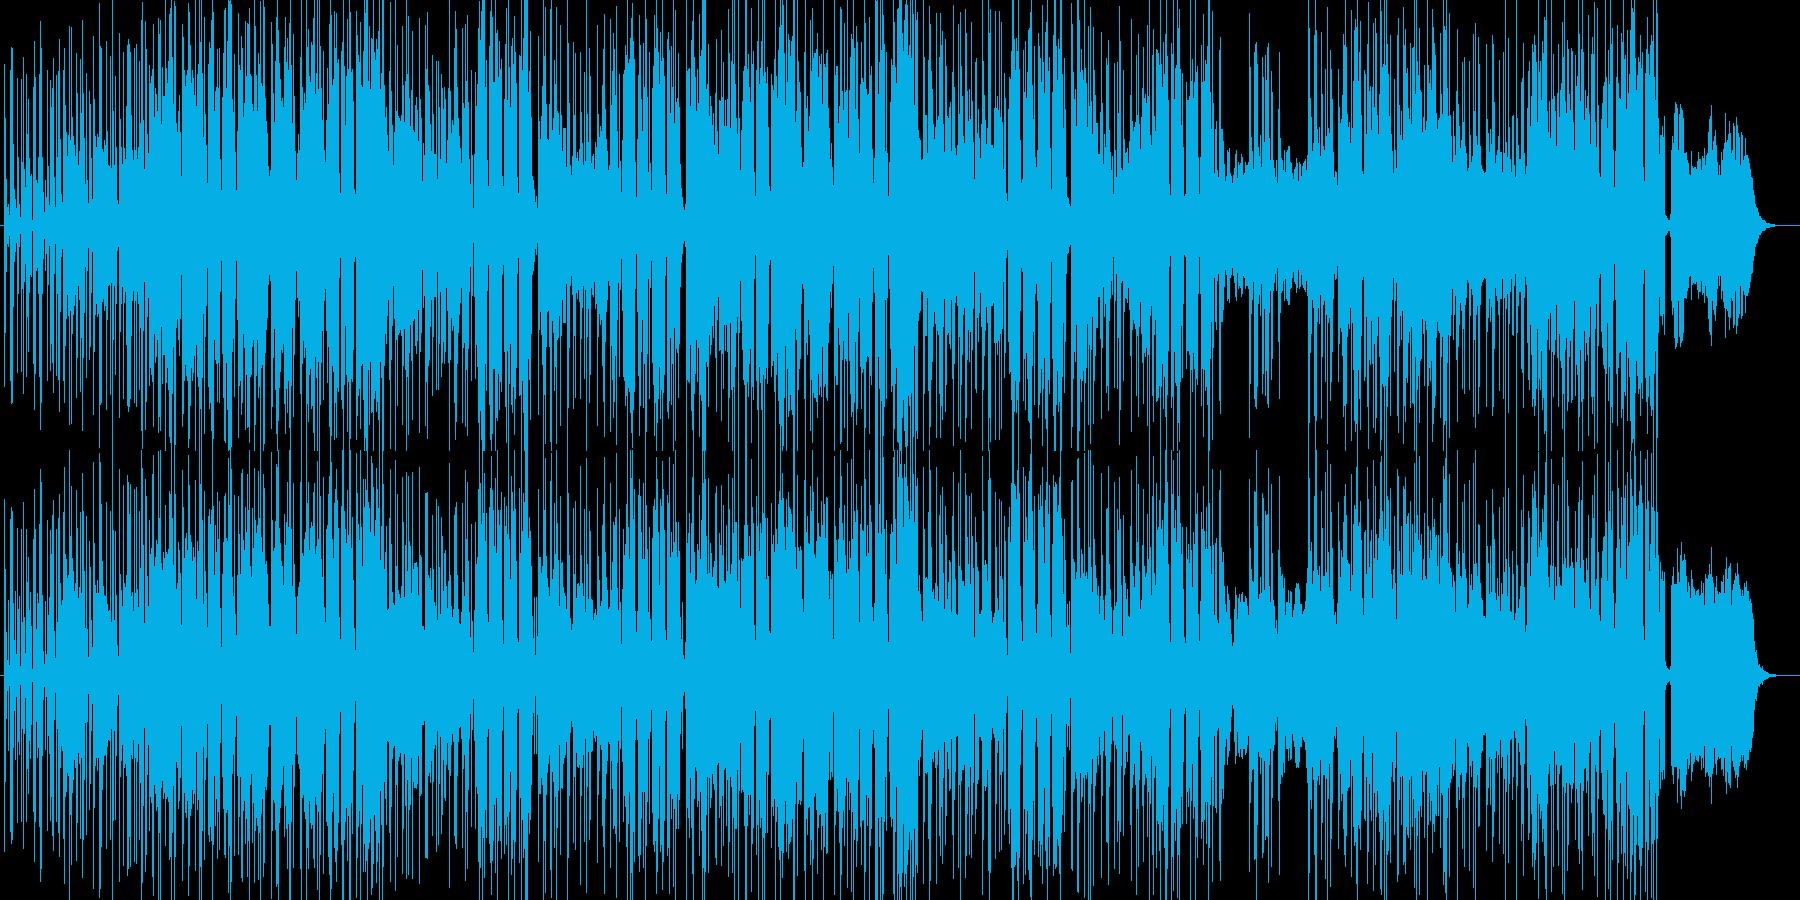 ハレルヤHip-Hopアレンジ ダミ声の再生済みの波形